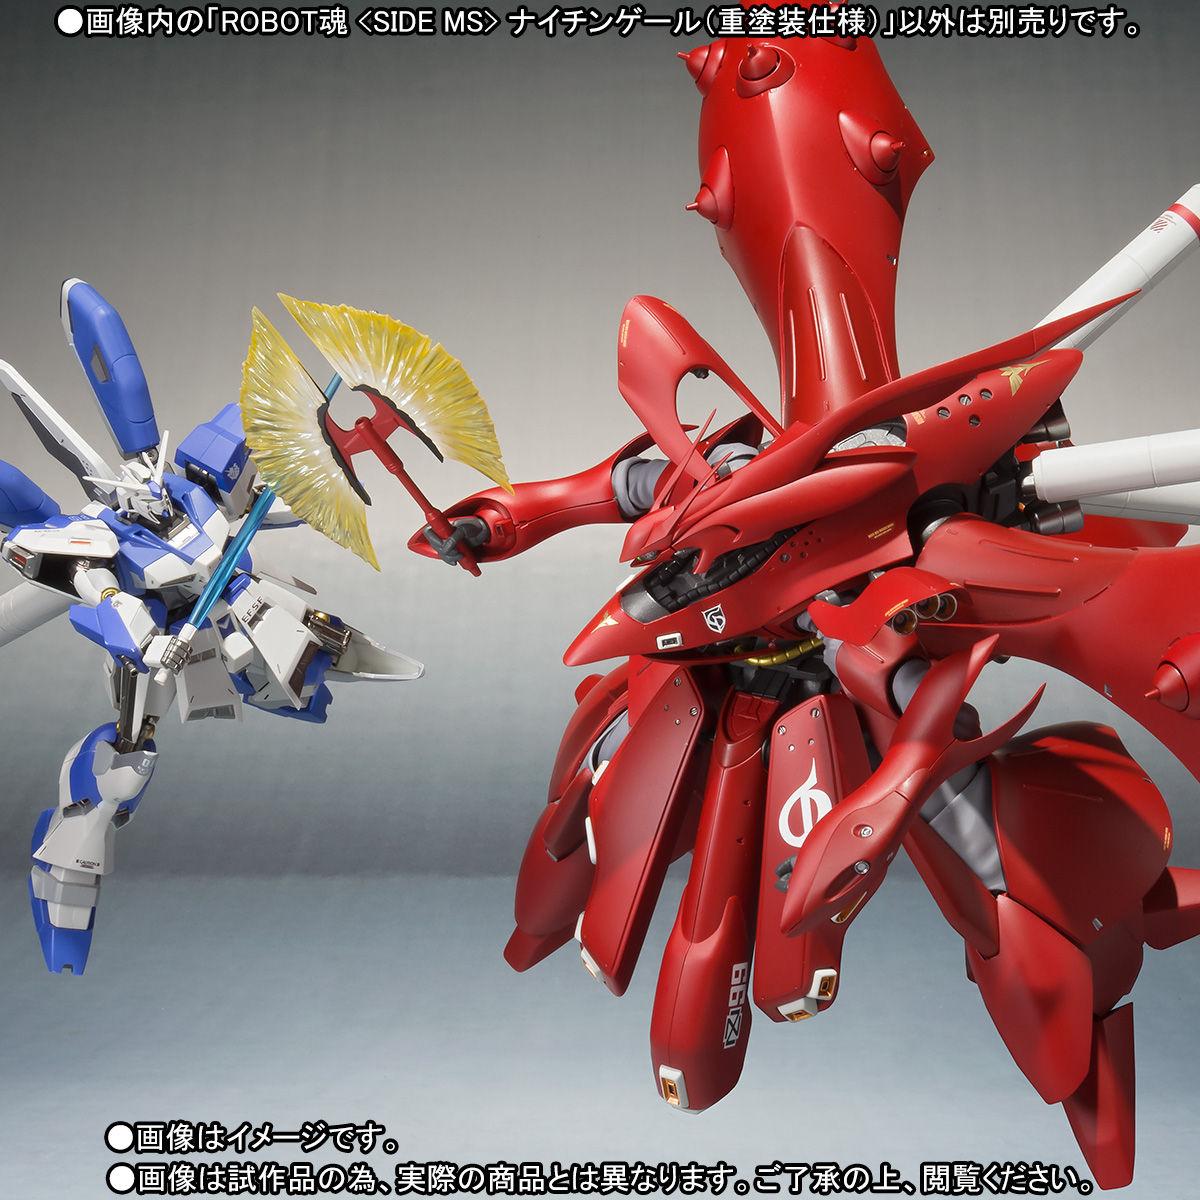 ROBOT魂 <SIDE MS>『ナイチンゲール(重塗装仕様)』可動フィギュア-001